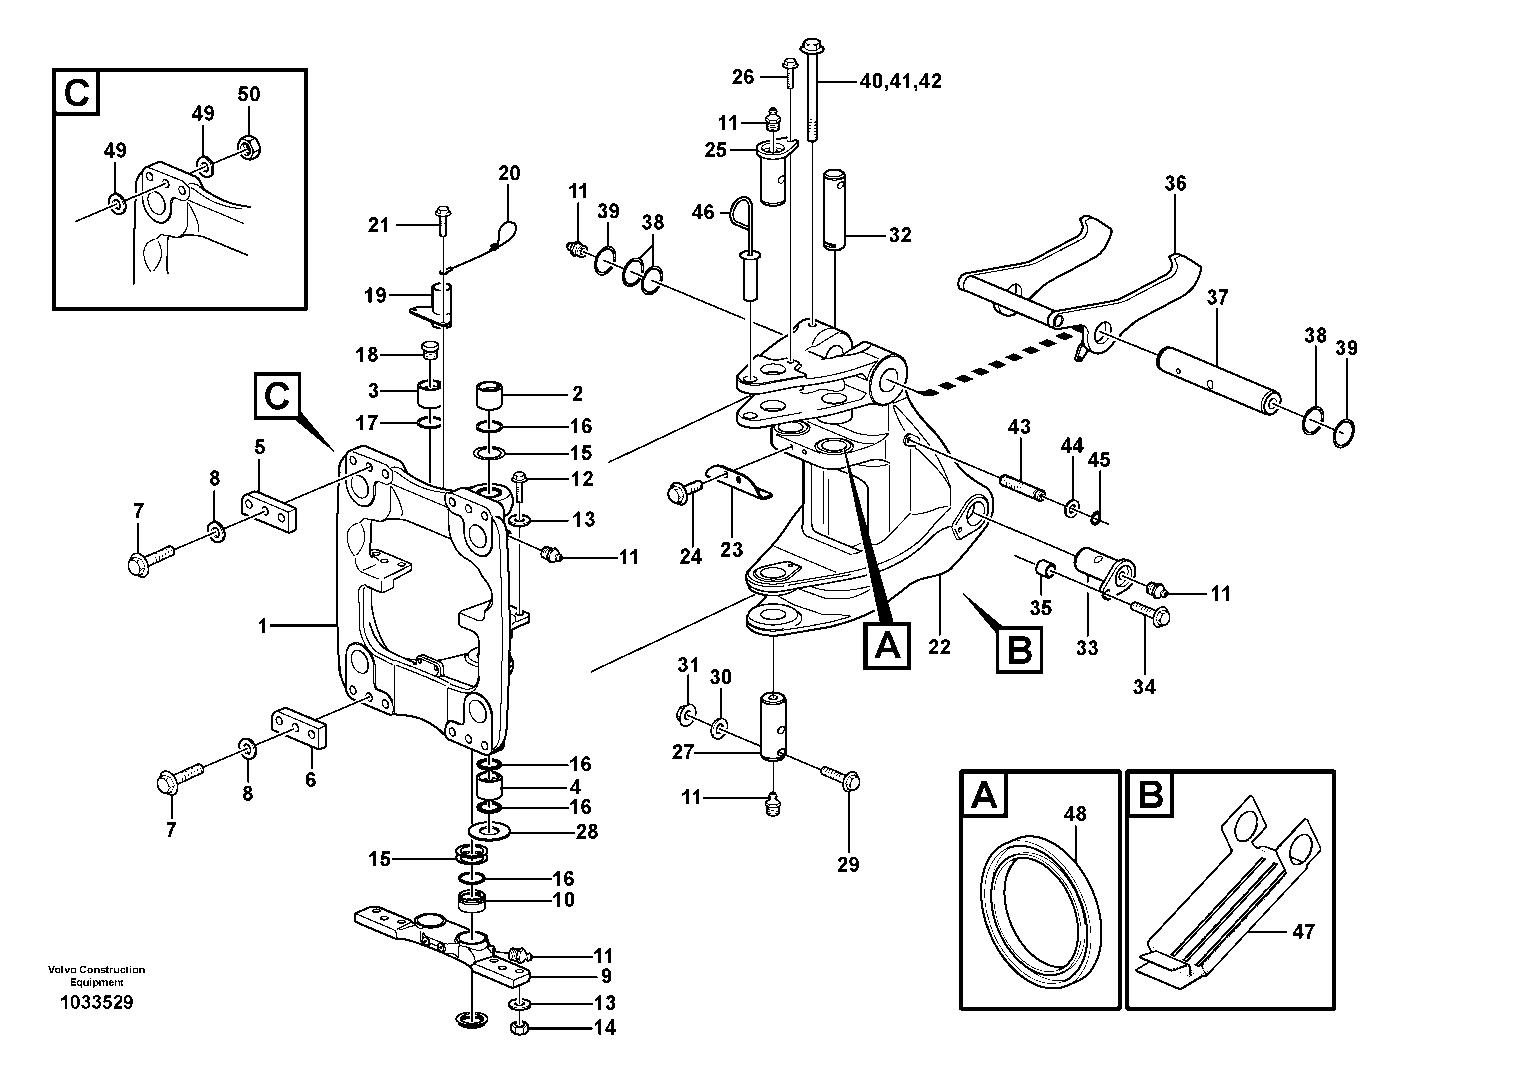 bekoloder-donus-braket